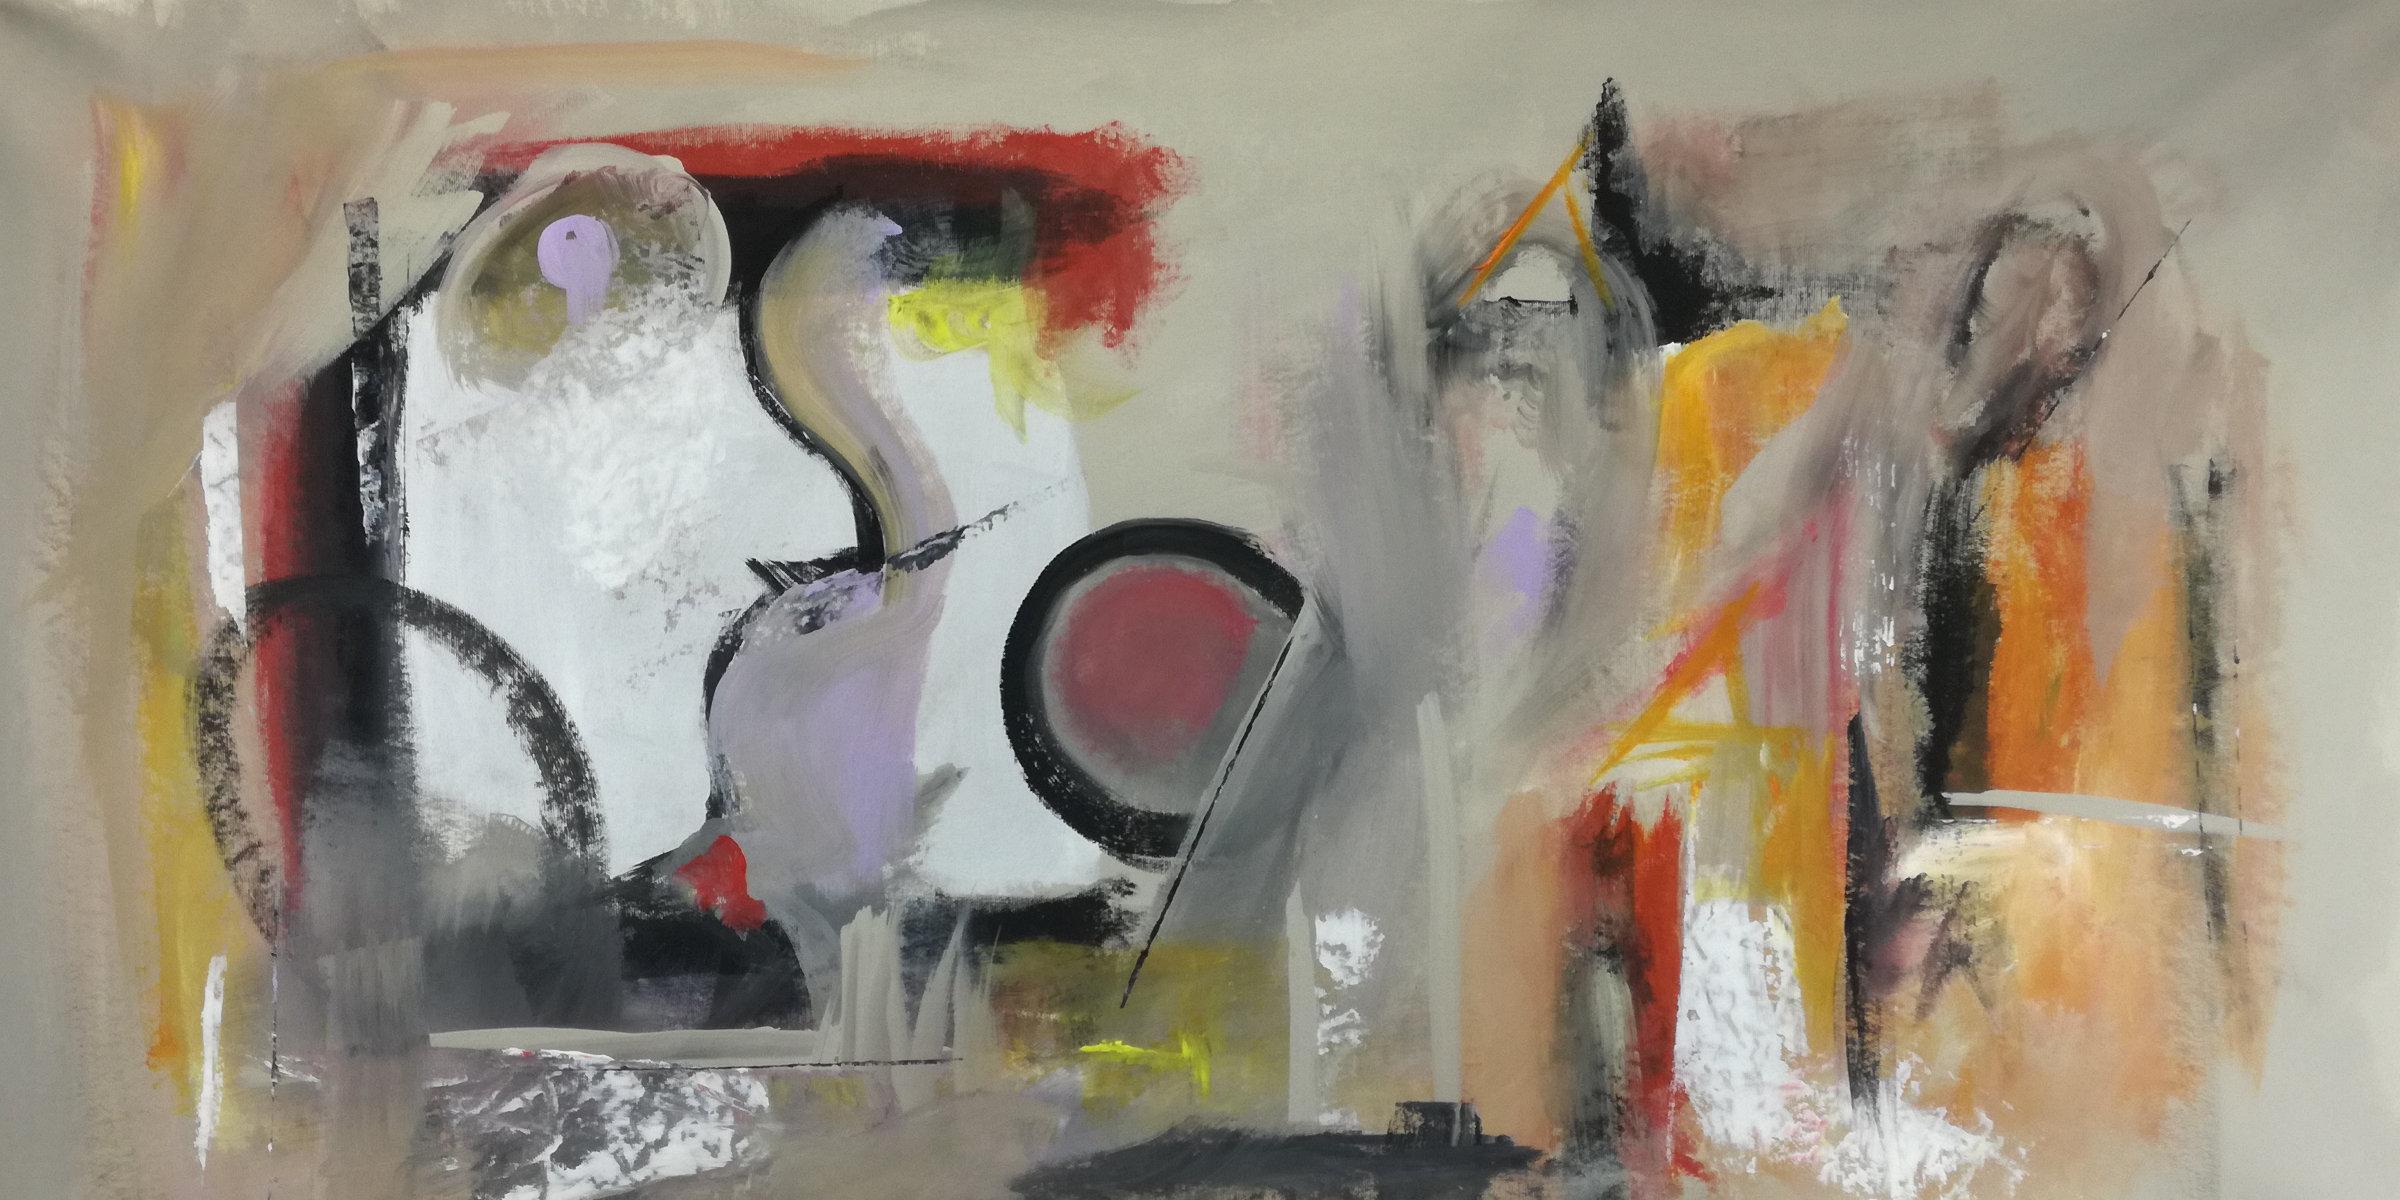 quadri astratti c083 - dipinti grandi dimensioni astratti